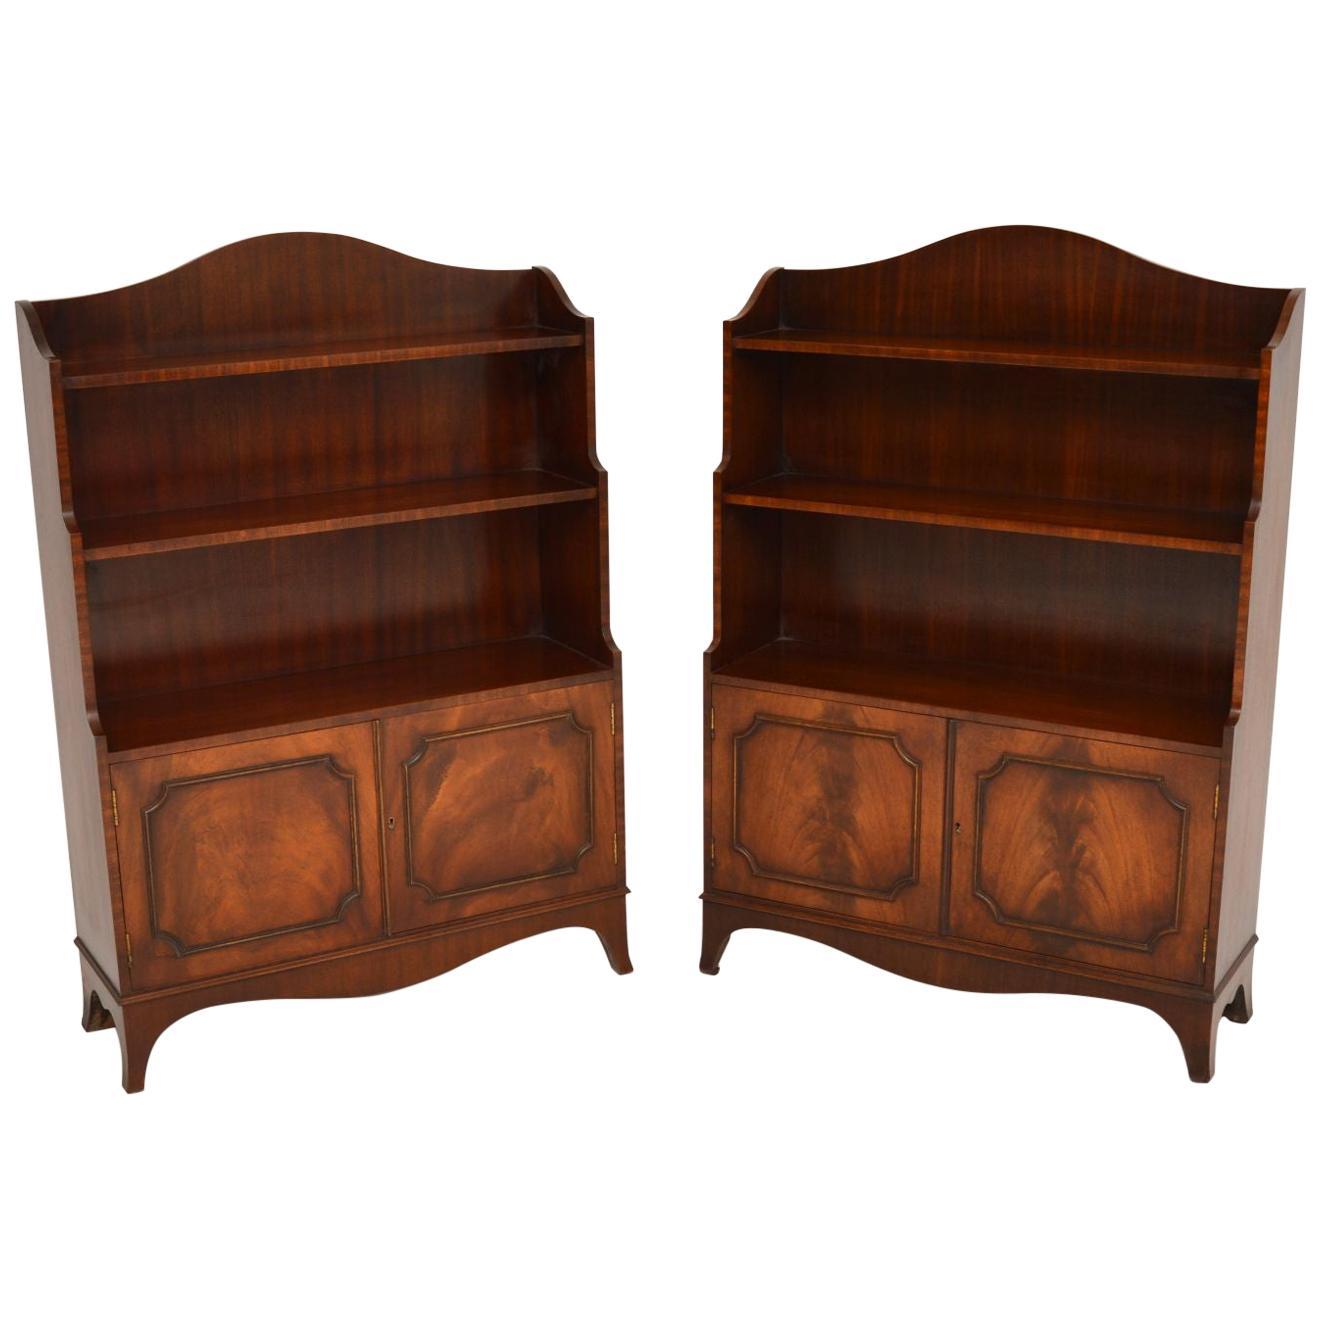 Pair of Antique Georgian Mahogany Bookcases